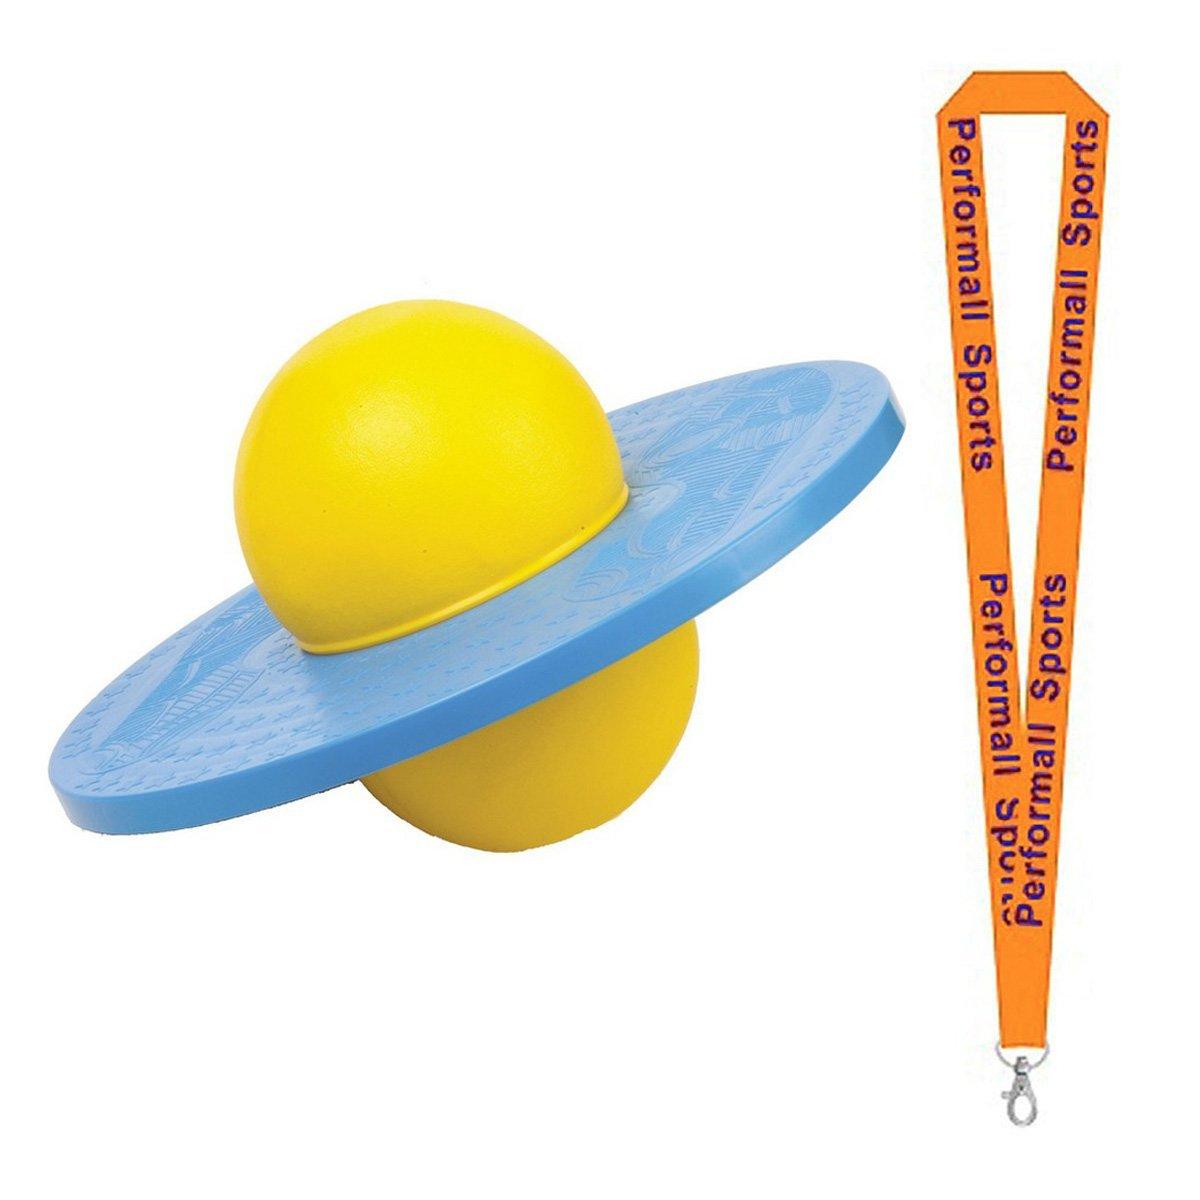 Champion Sports Bundle: Balance Platform Ball Blue / Yellow with 1 Performall Lanyard LBALL-1P